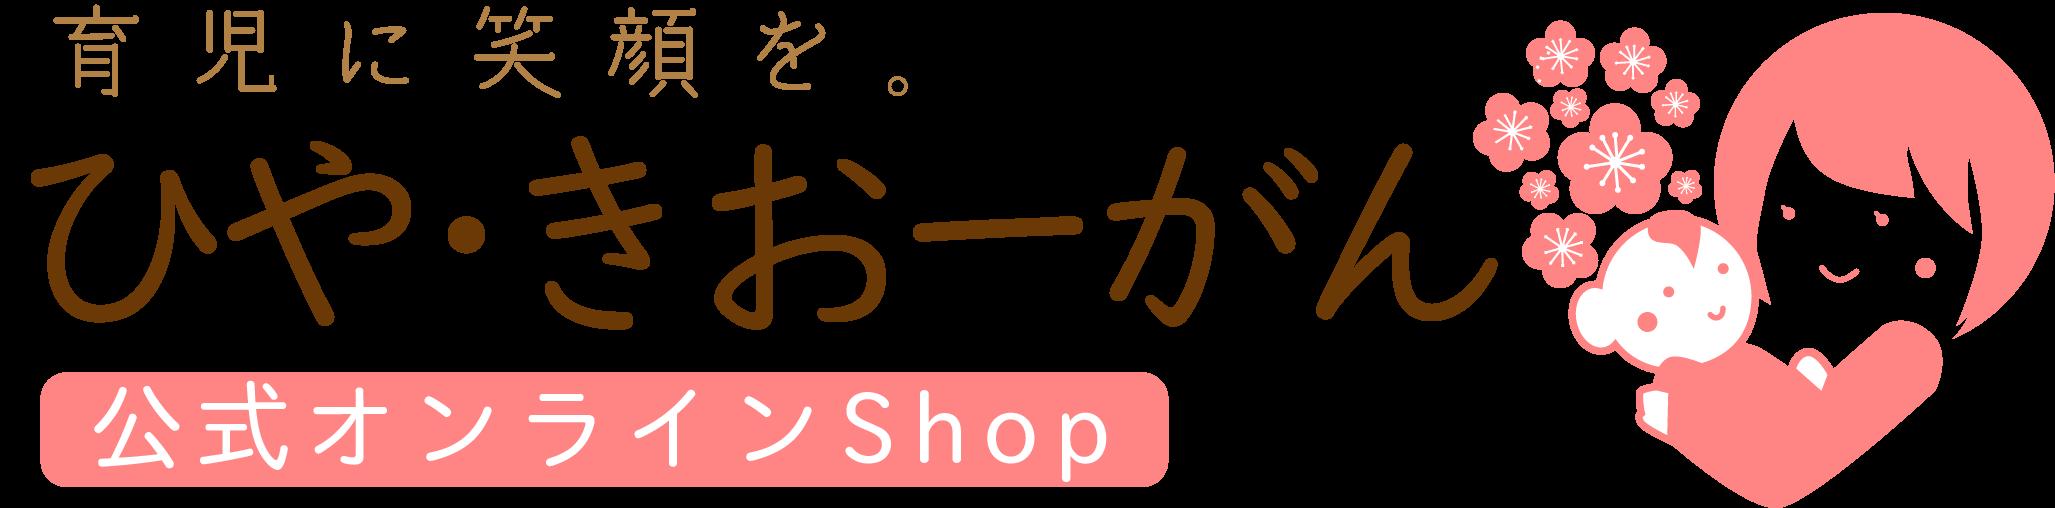 ひやきおーがん 公式オンラインShop